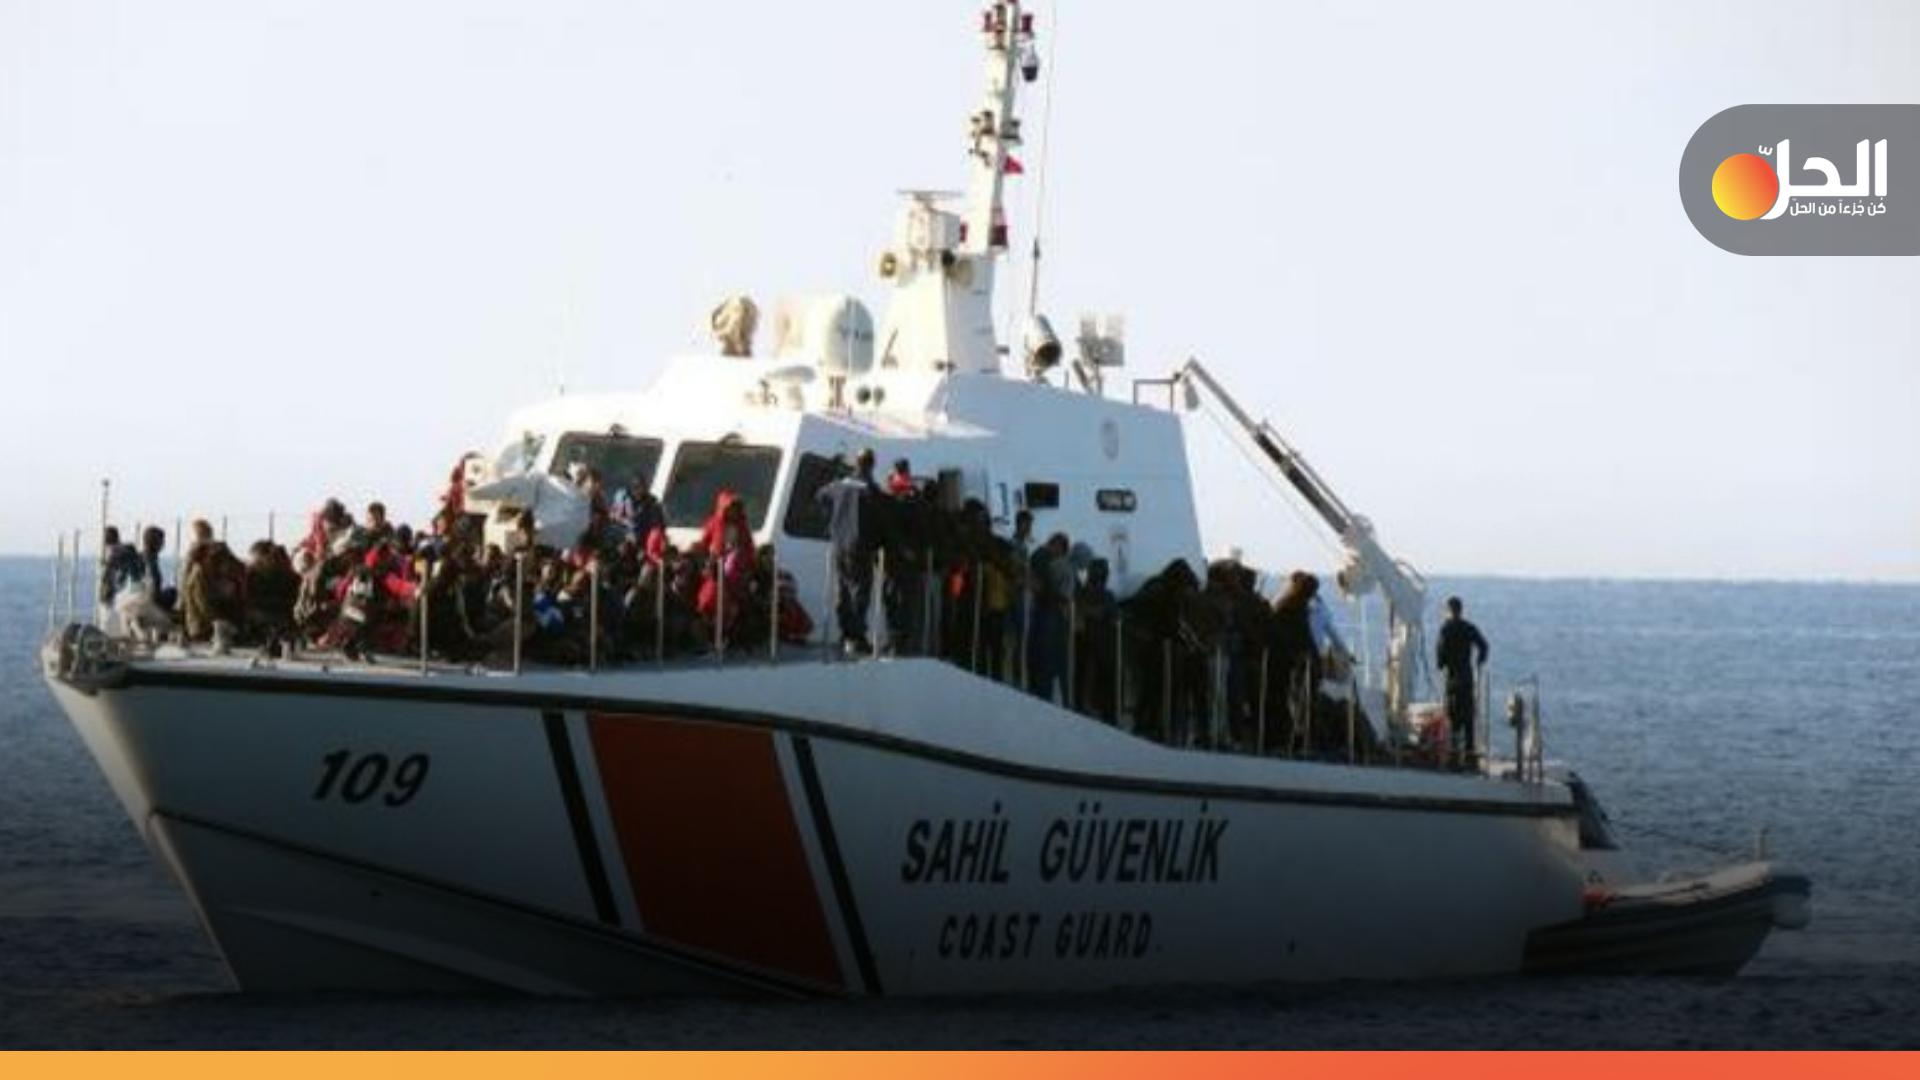 رغم ظروف الشتاء القاسيّة.. سوريون في تركيا يحاولون الهجرة إلى أوروبا